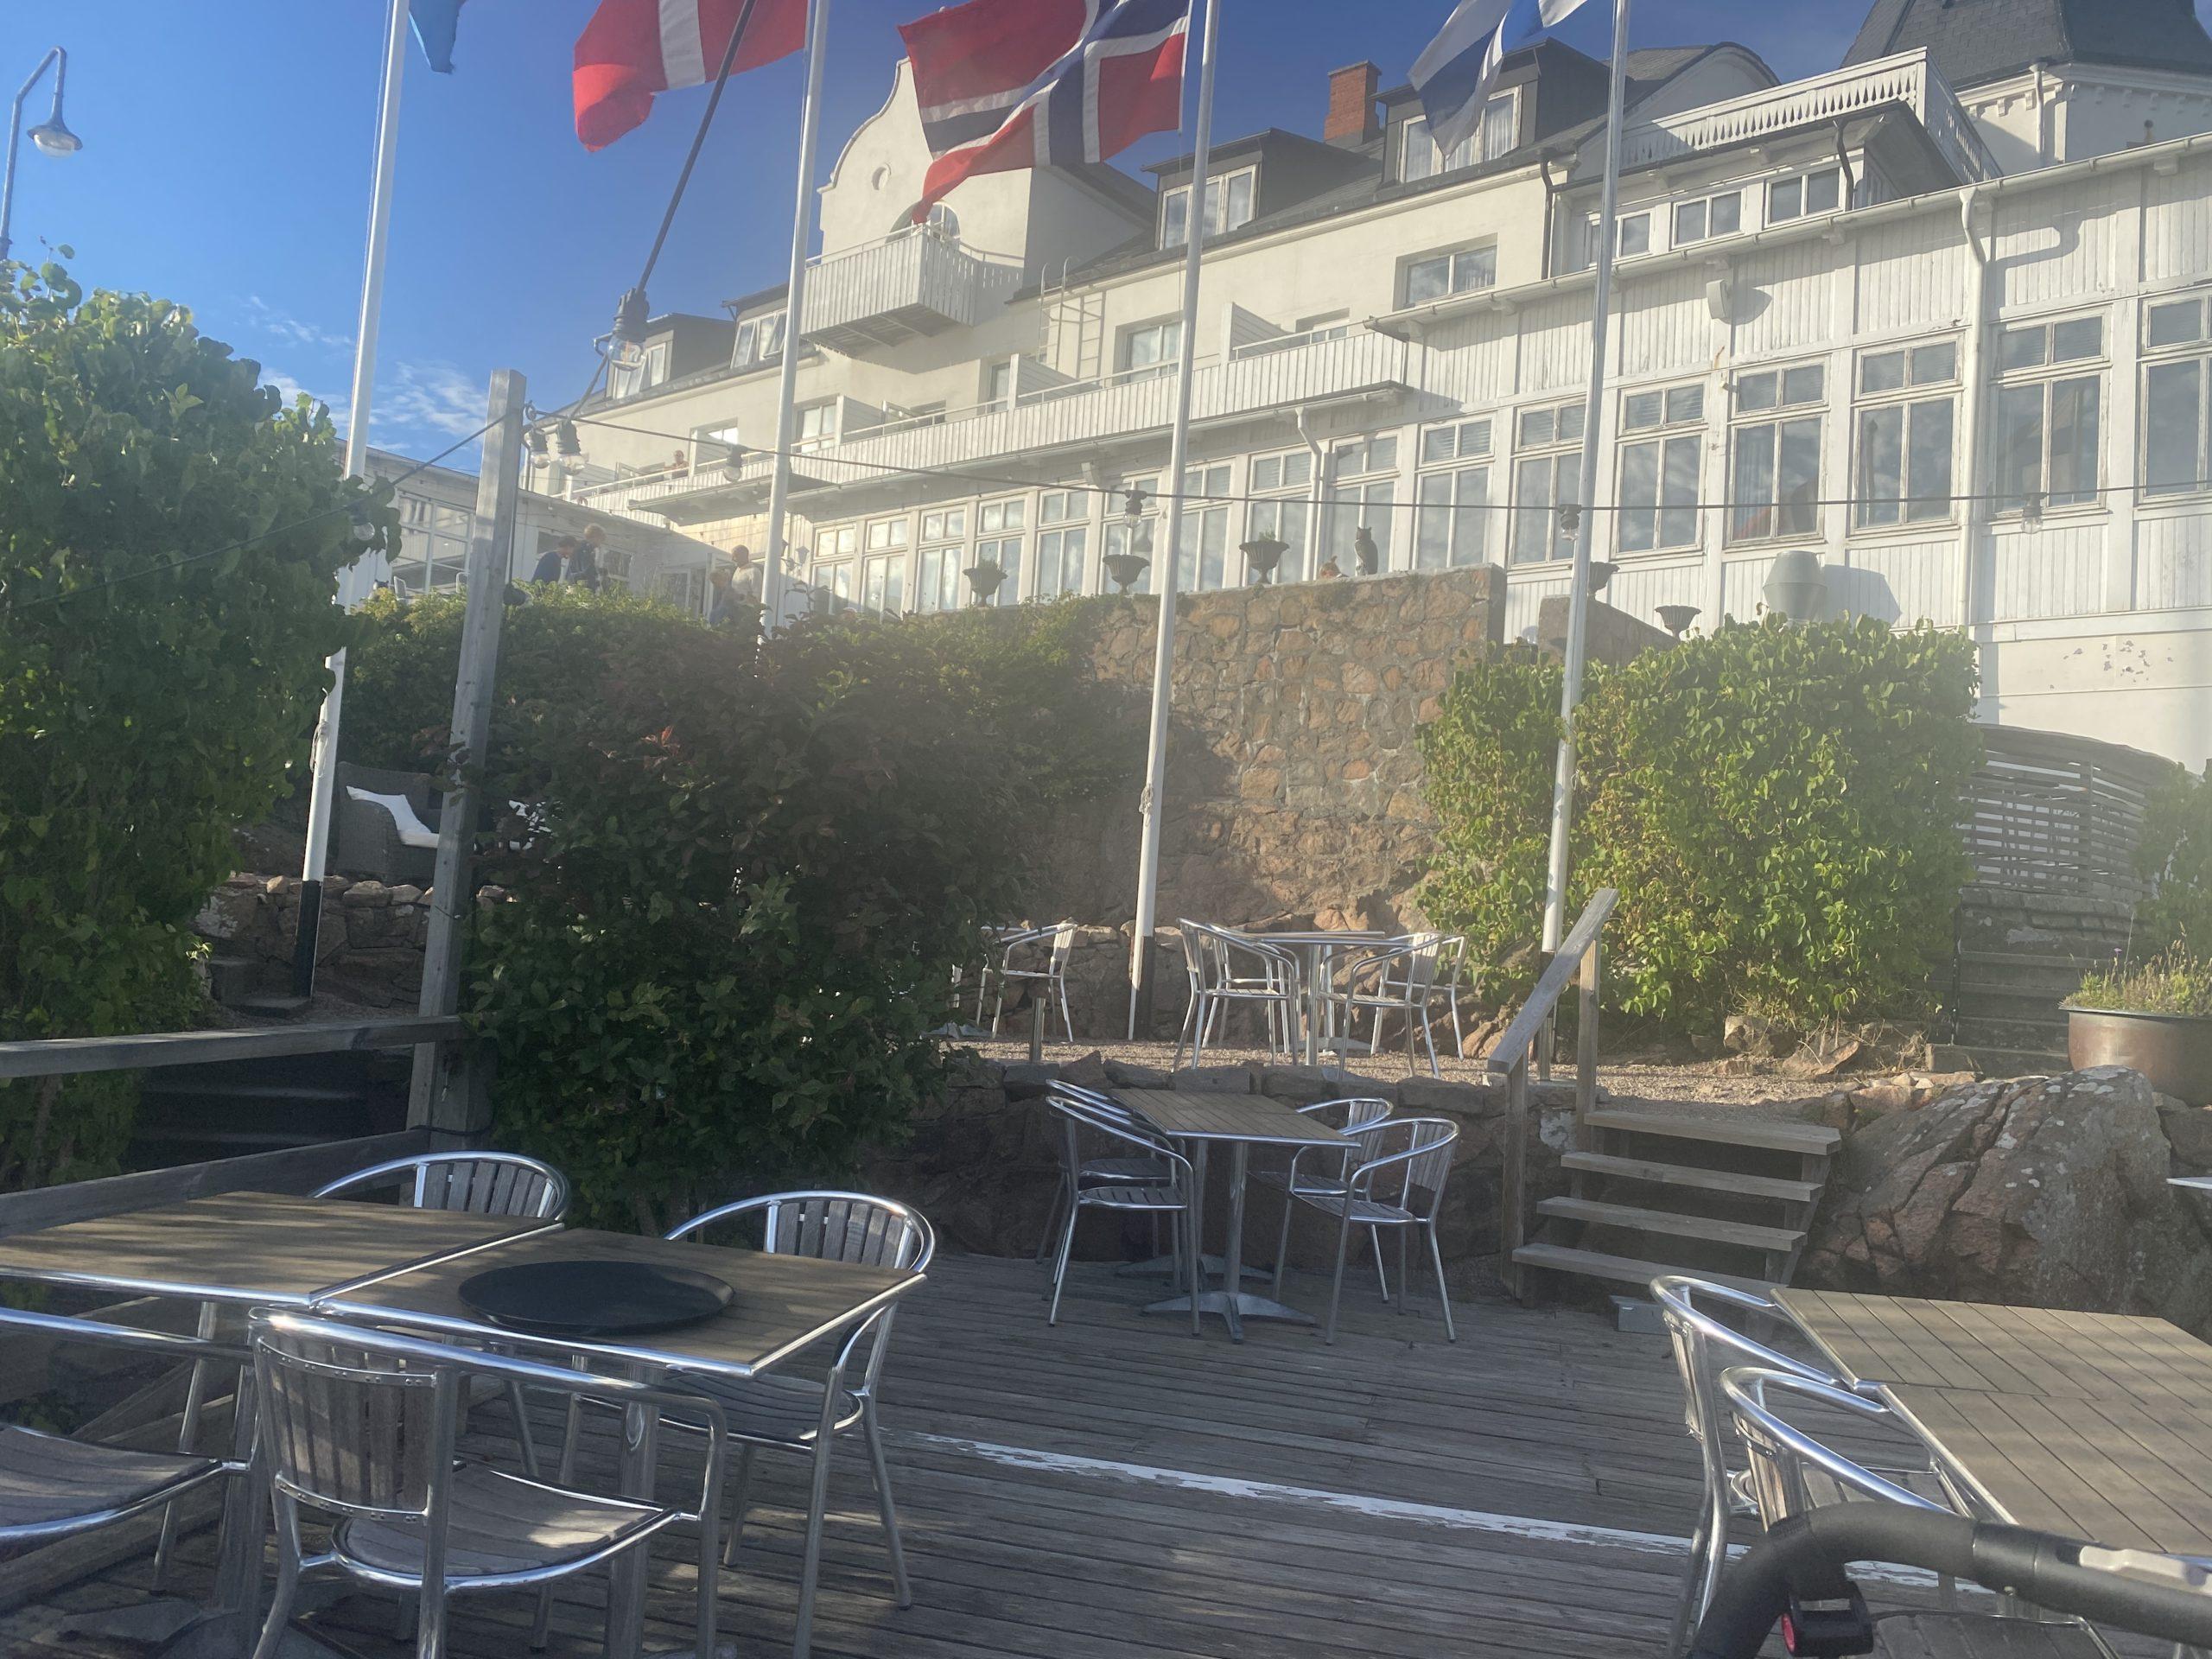 Skåne utflykt till Mölle